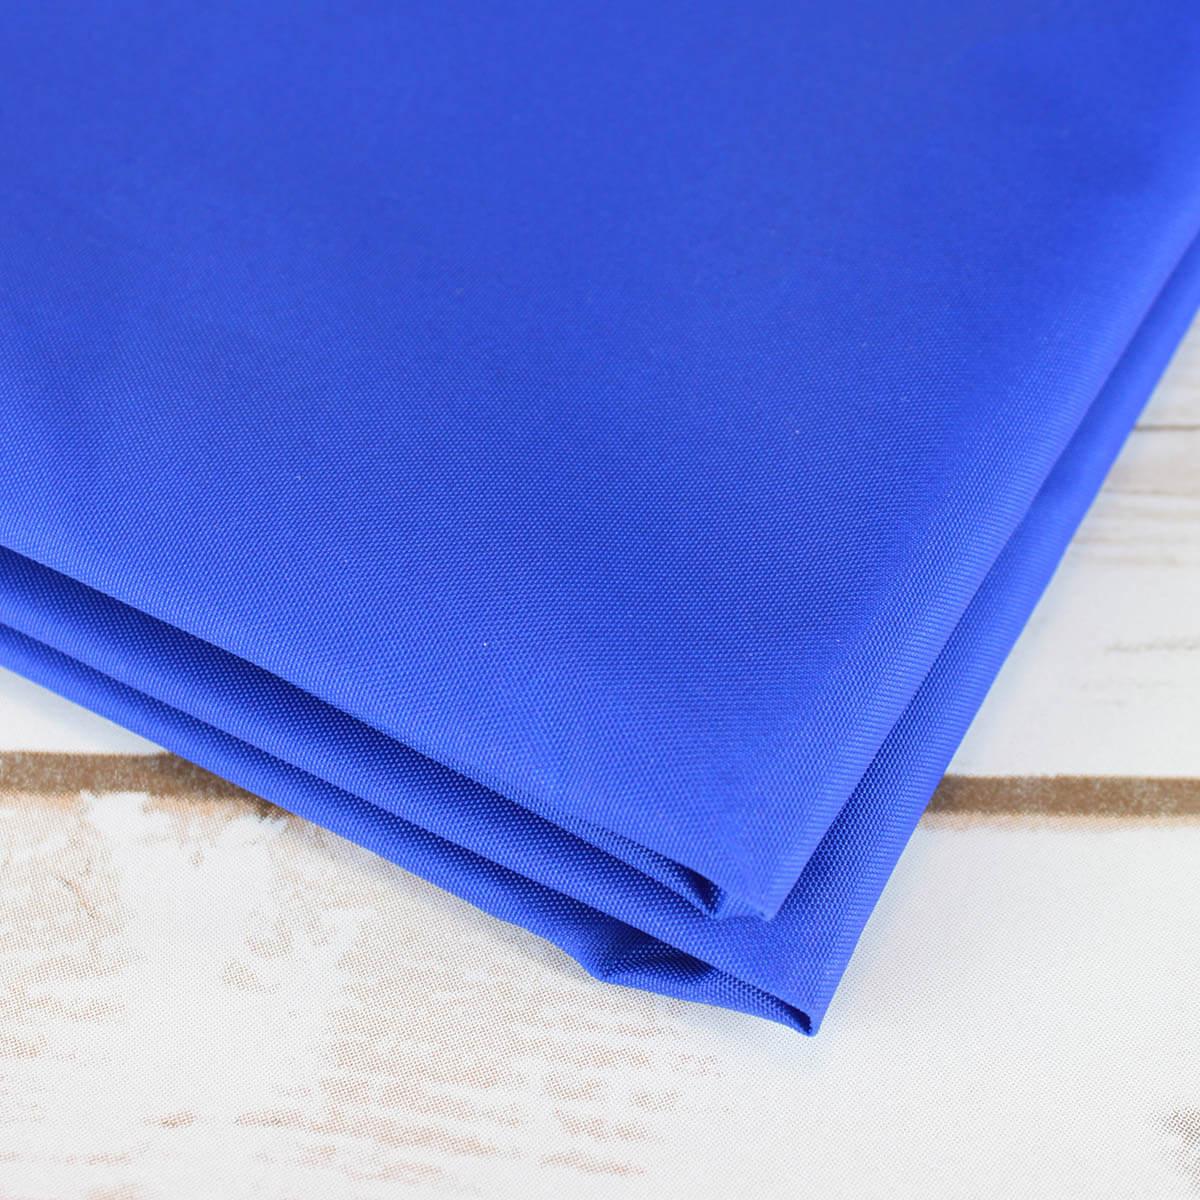 Clearance Reusable Flat Slide Sheet Blue Interweave